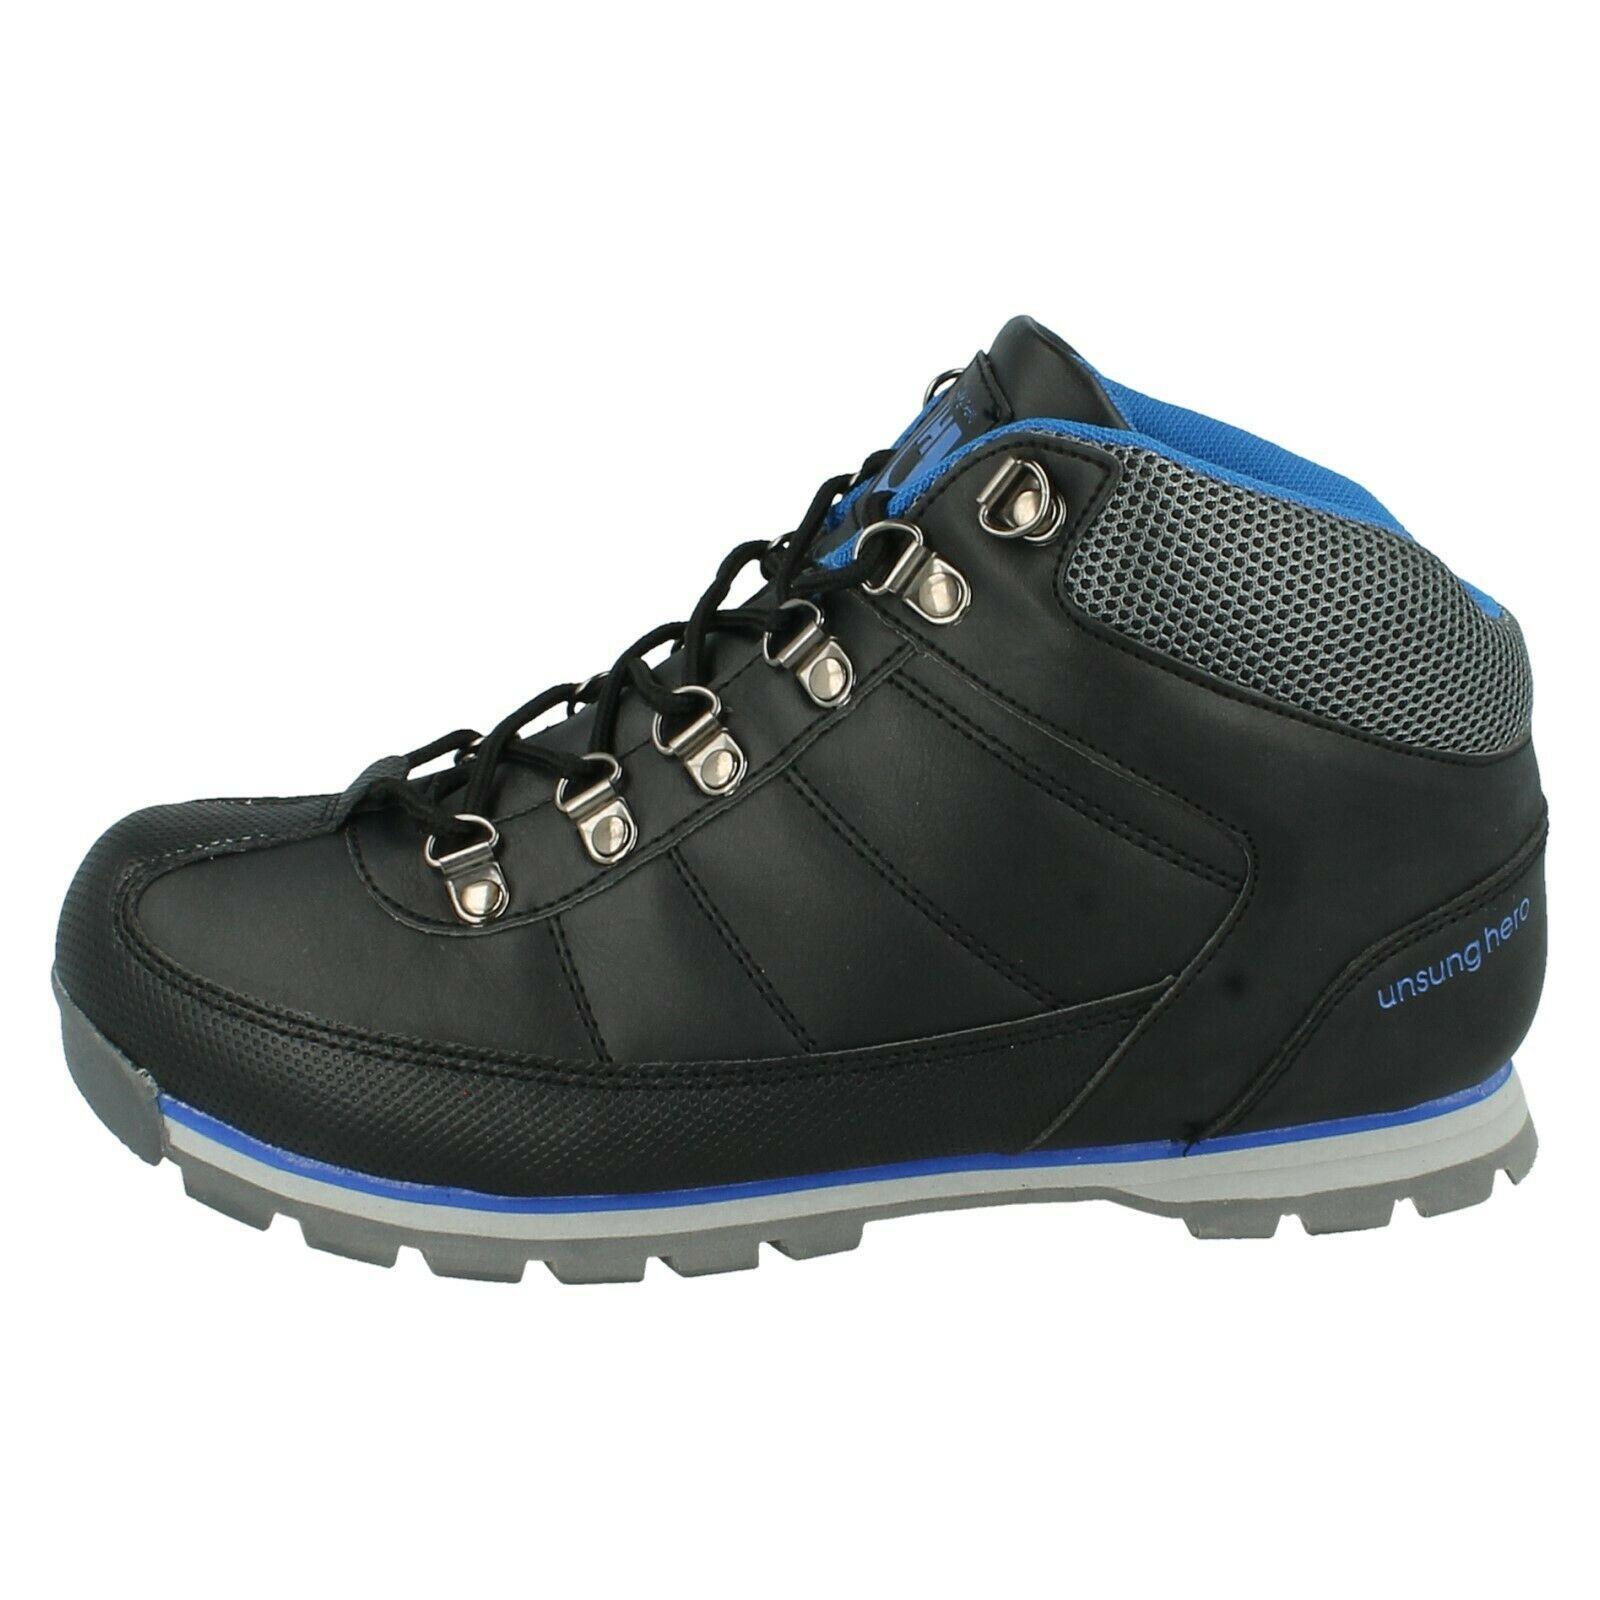 Henleys-unsunghero-Para-hombre-Botas-para-Caminar-Con-Cordones-Zapatos-De-Invierno-Al-Aire-Libre-7 miniatura 17